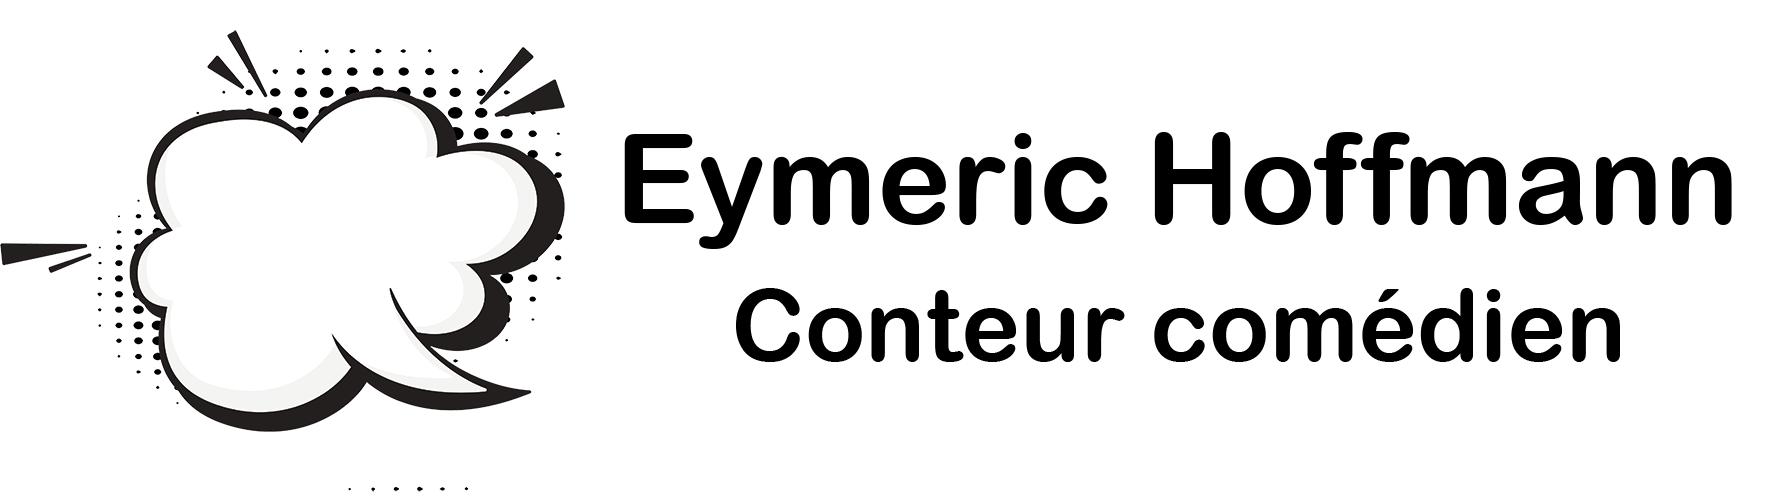 Eymeric Hoffmann